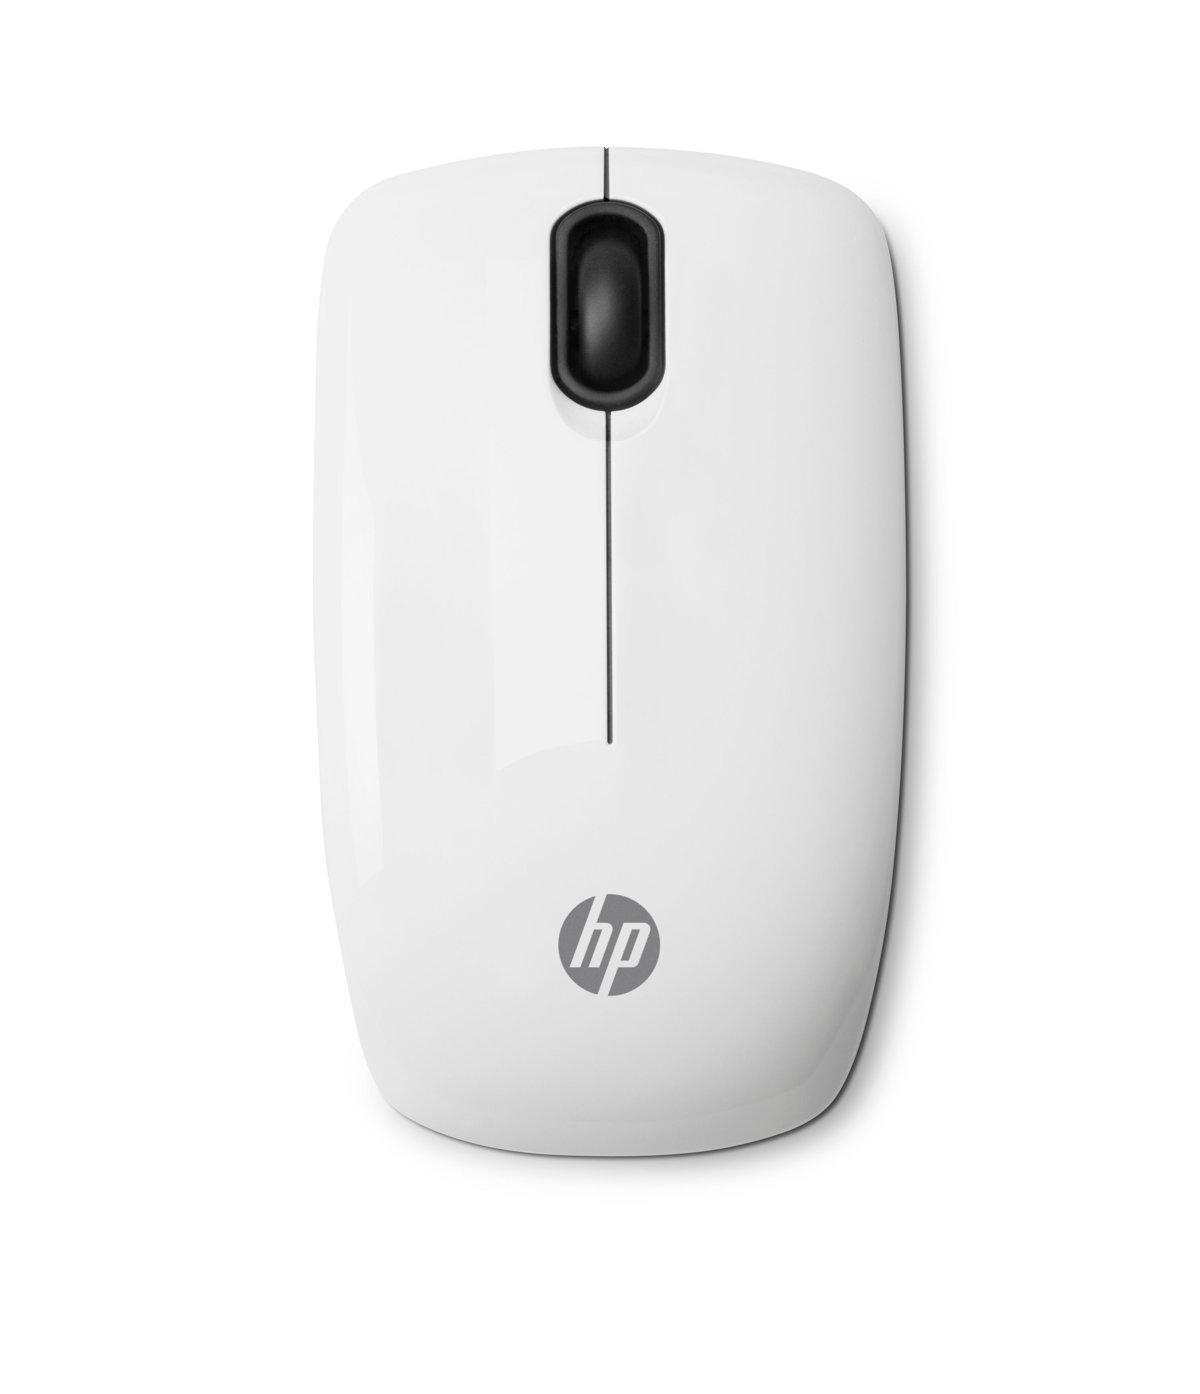 HP Z3200 Wireless Mouse E5J19AA#ABA